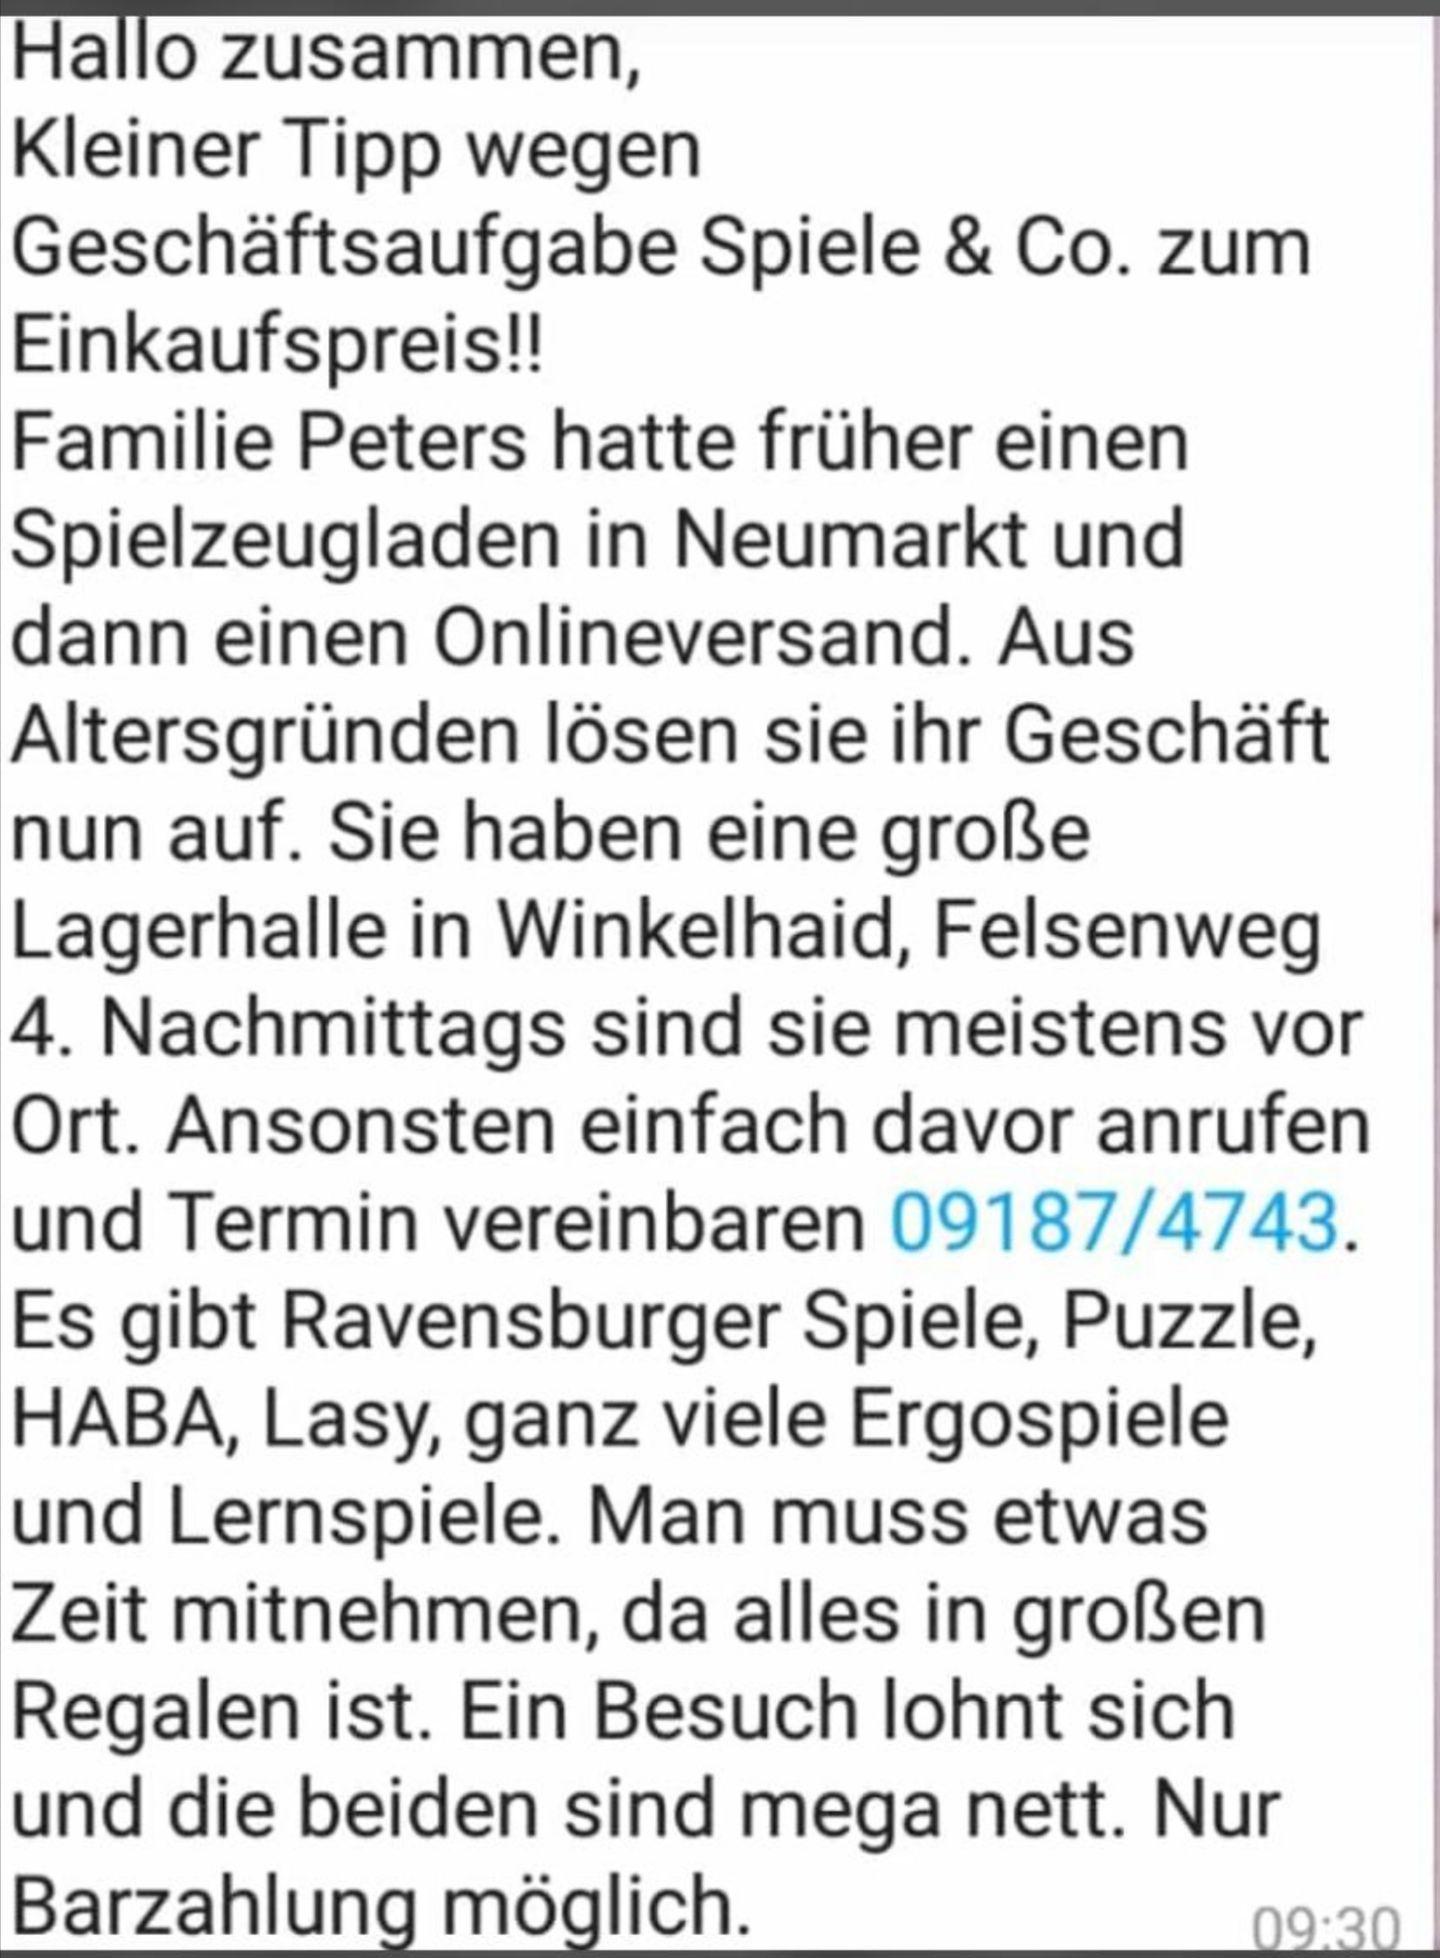 [lokal Winkelhaid/Nürnberg] Große Auflösung eines Spielwarenhändlers / Brettspiele, Puzzle, Lernspielkästen, uvm / nur Barzahlung vor Ort